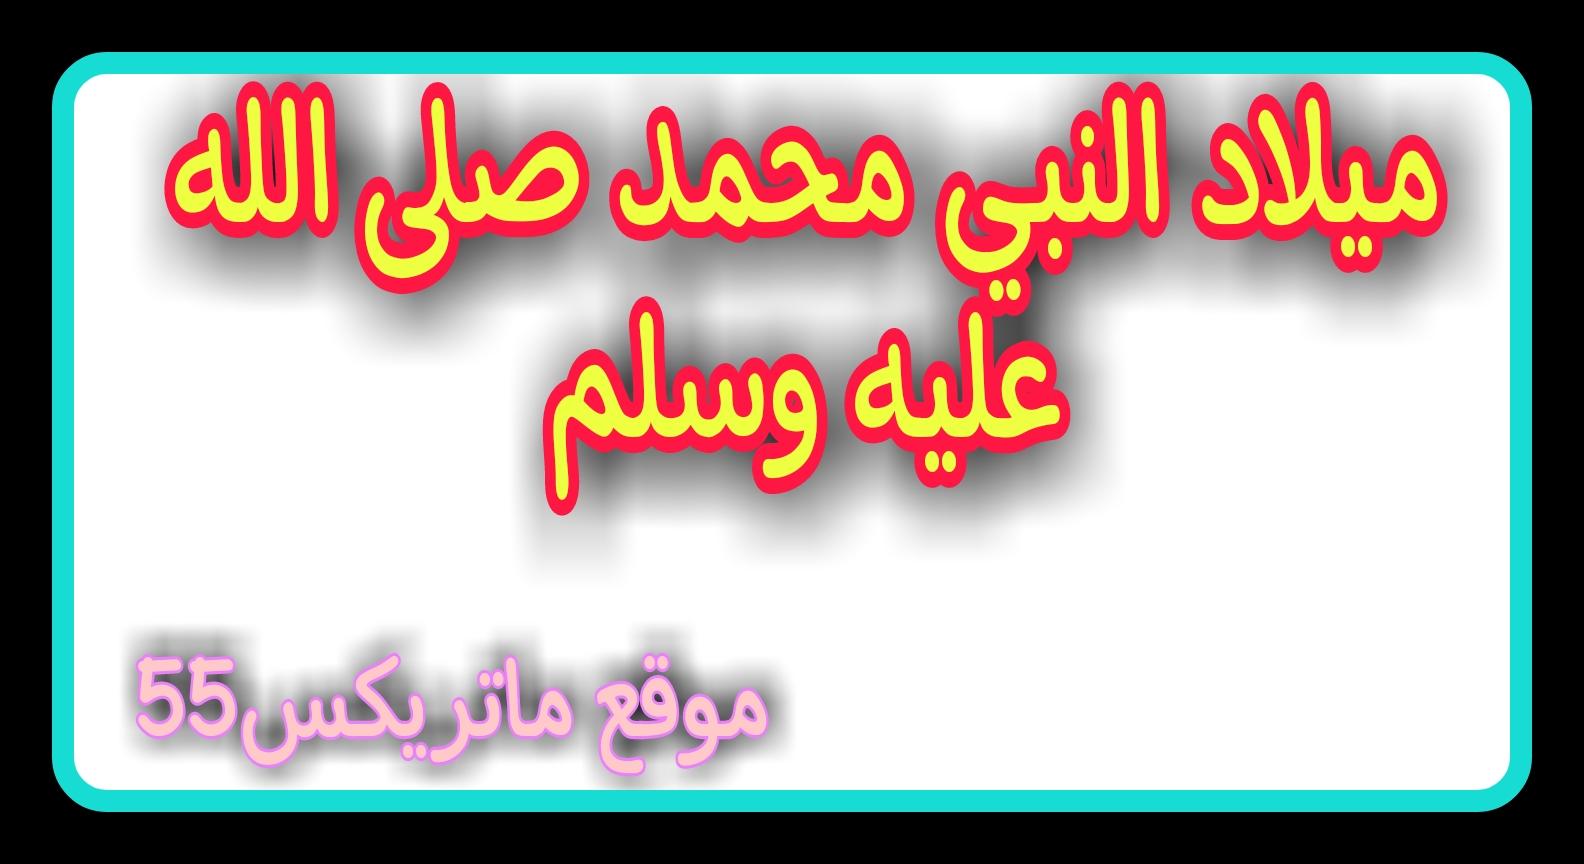 مولد النبي محمد صلى الله عليه وسلم   ولادة النبي محمد صلى الله عليه وسلم   مولد النبي محمد صلى الله عليه وسلم بالميلادي